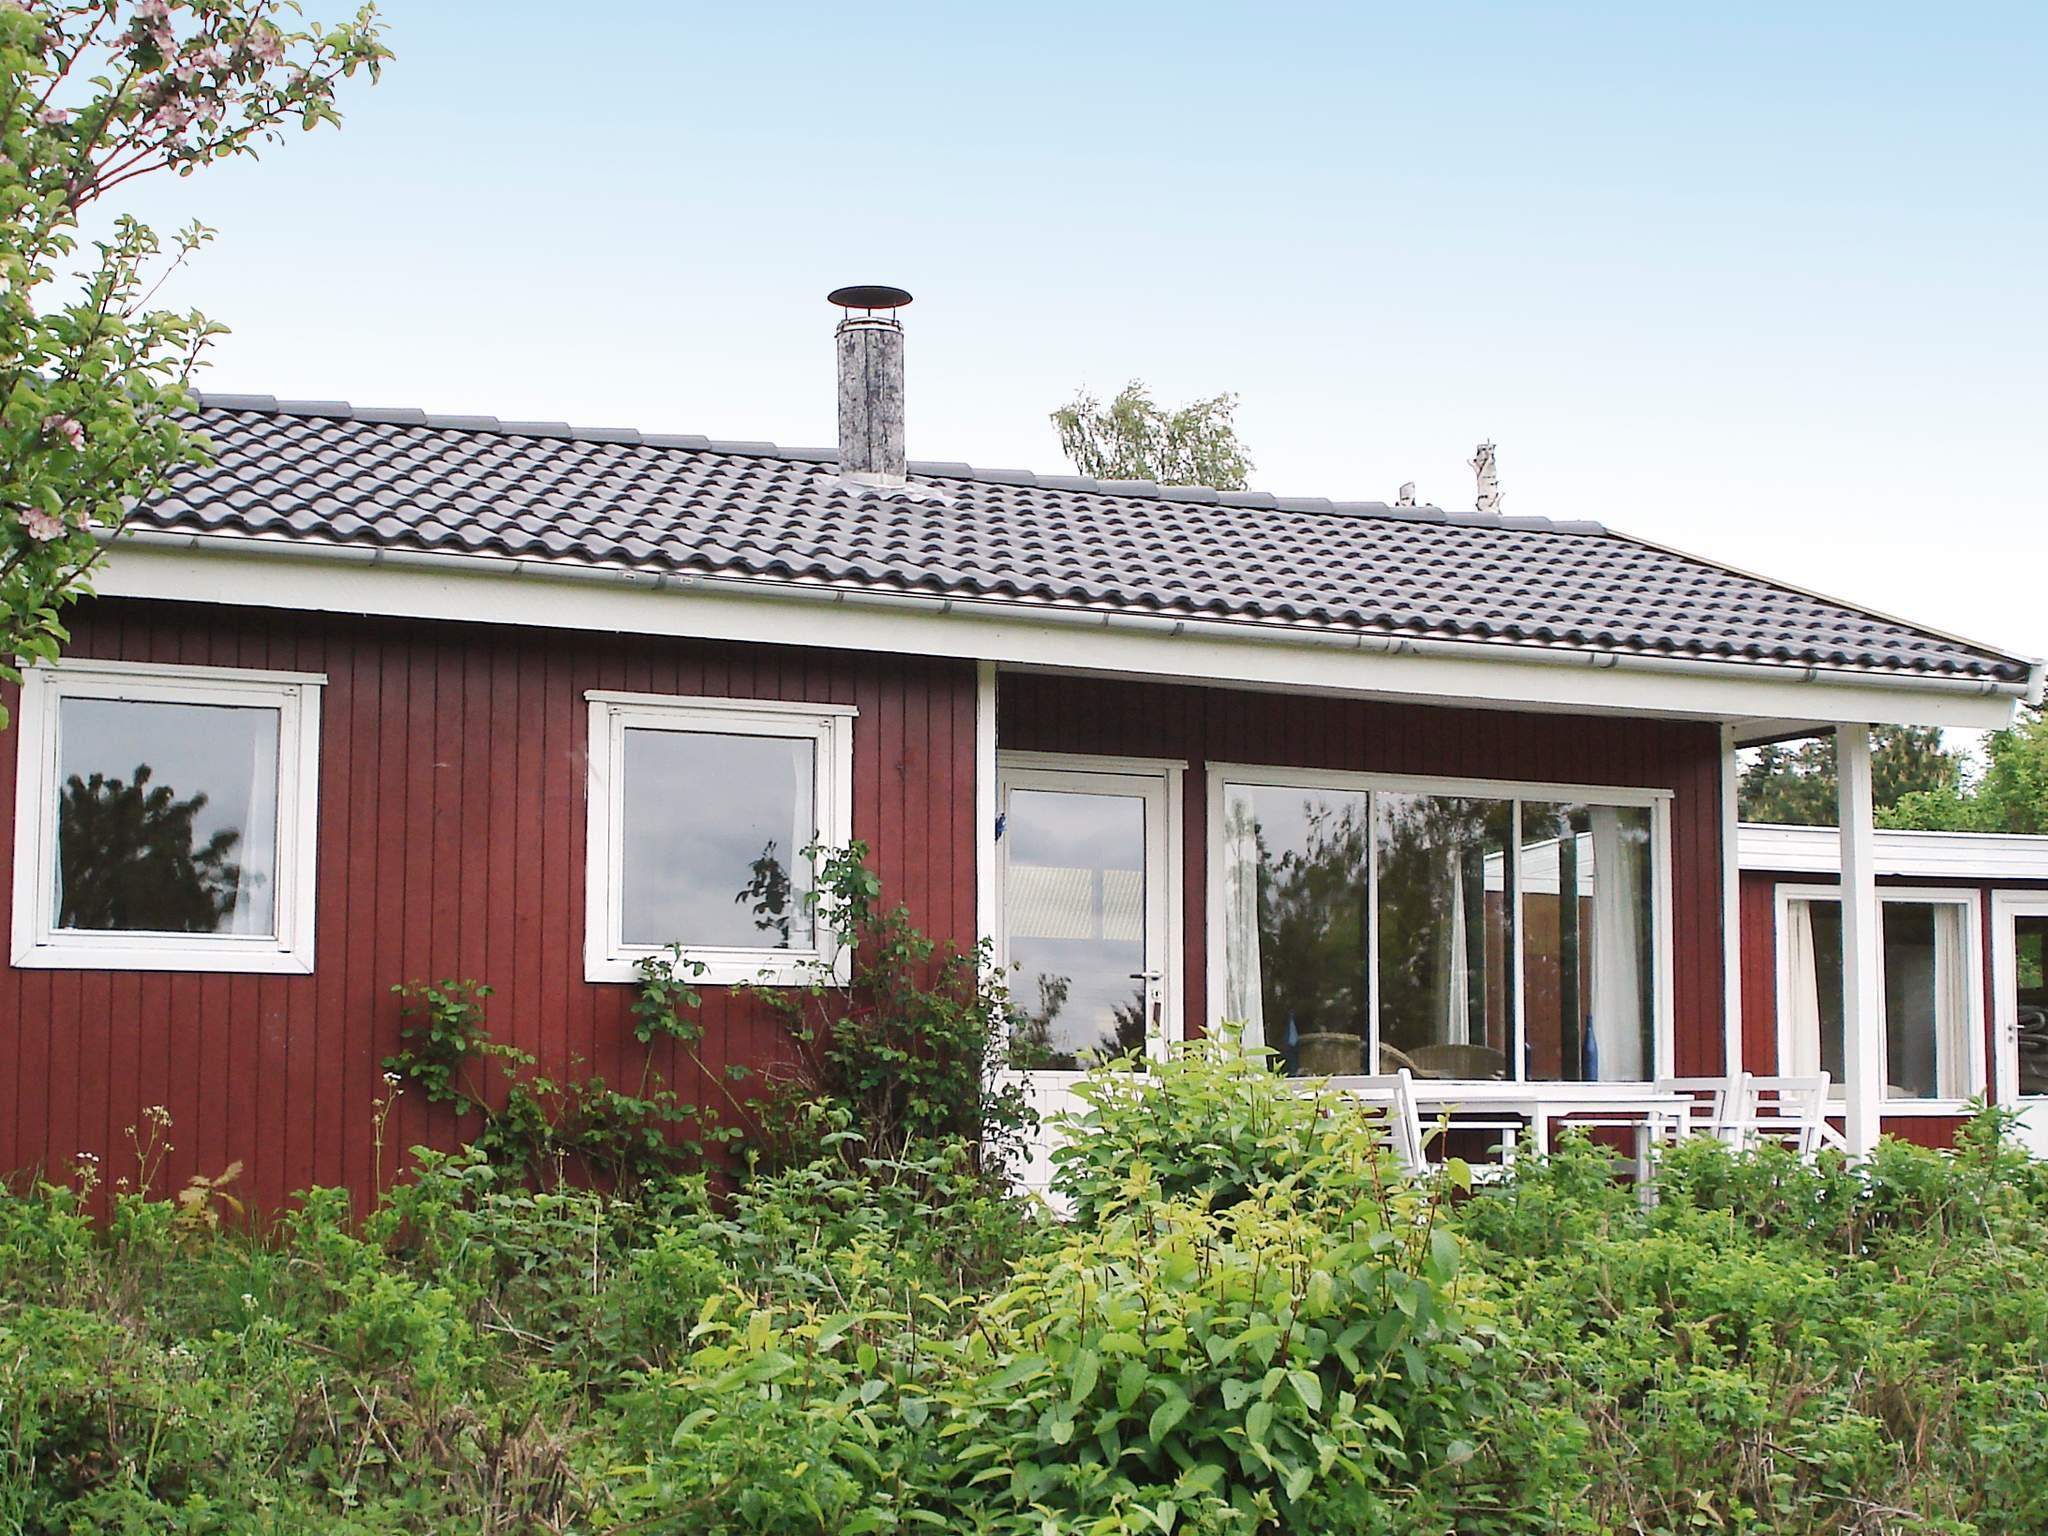 Ferienhaus Bakkebølle Strand (81867), Bakkebølle Strand, , Südseeland, Dänemark, Bild 1